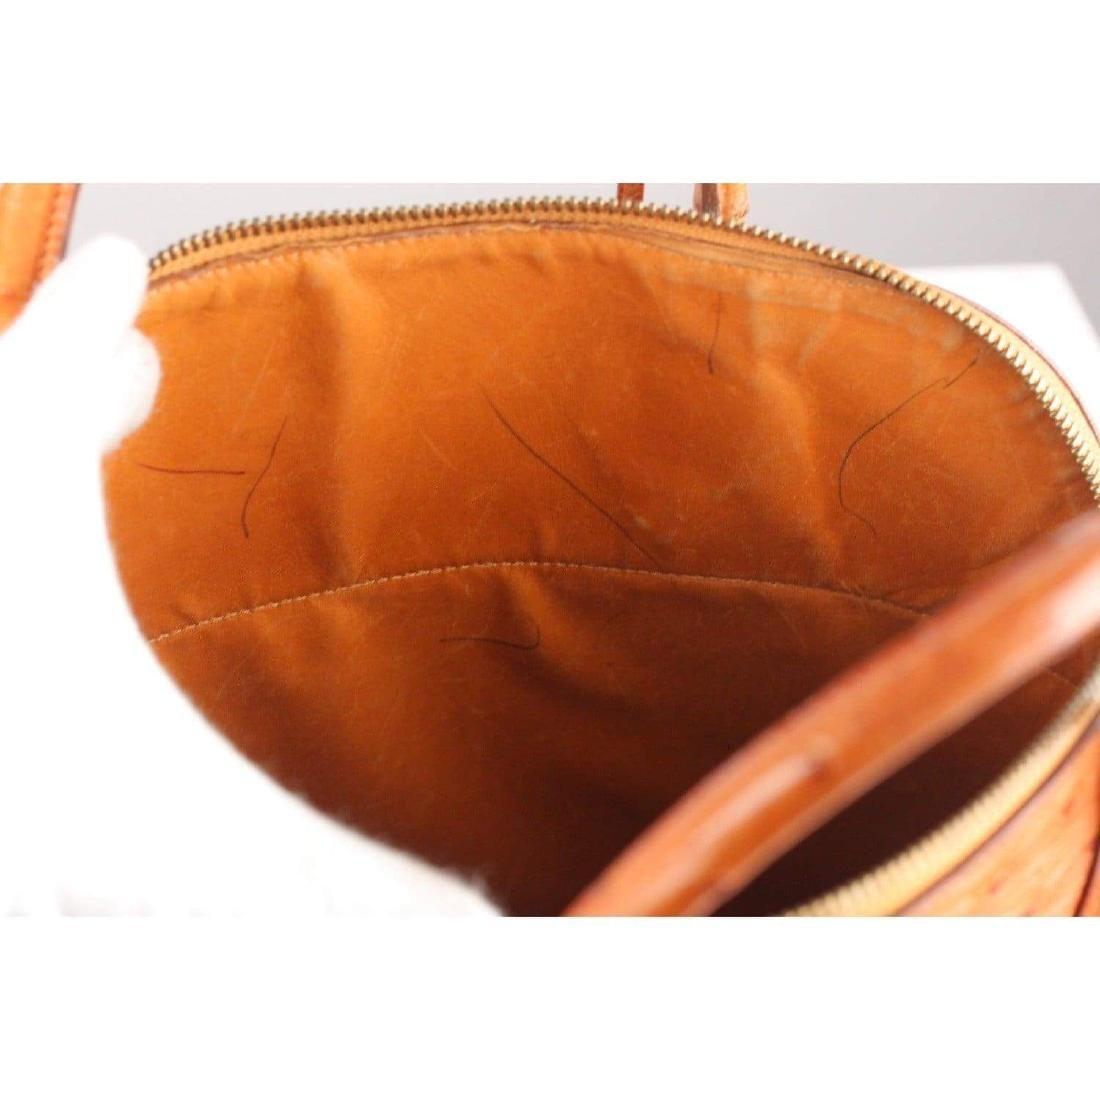 Hermes Vintage 1992 Tan Ostrich Bolide 35 Bag - 8